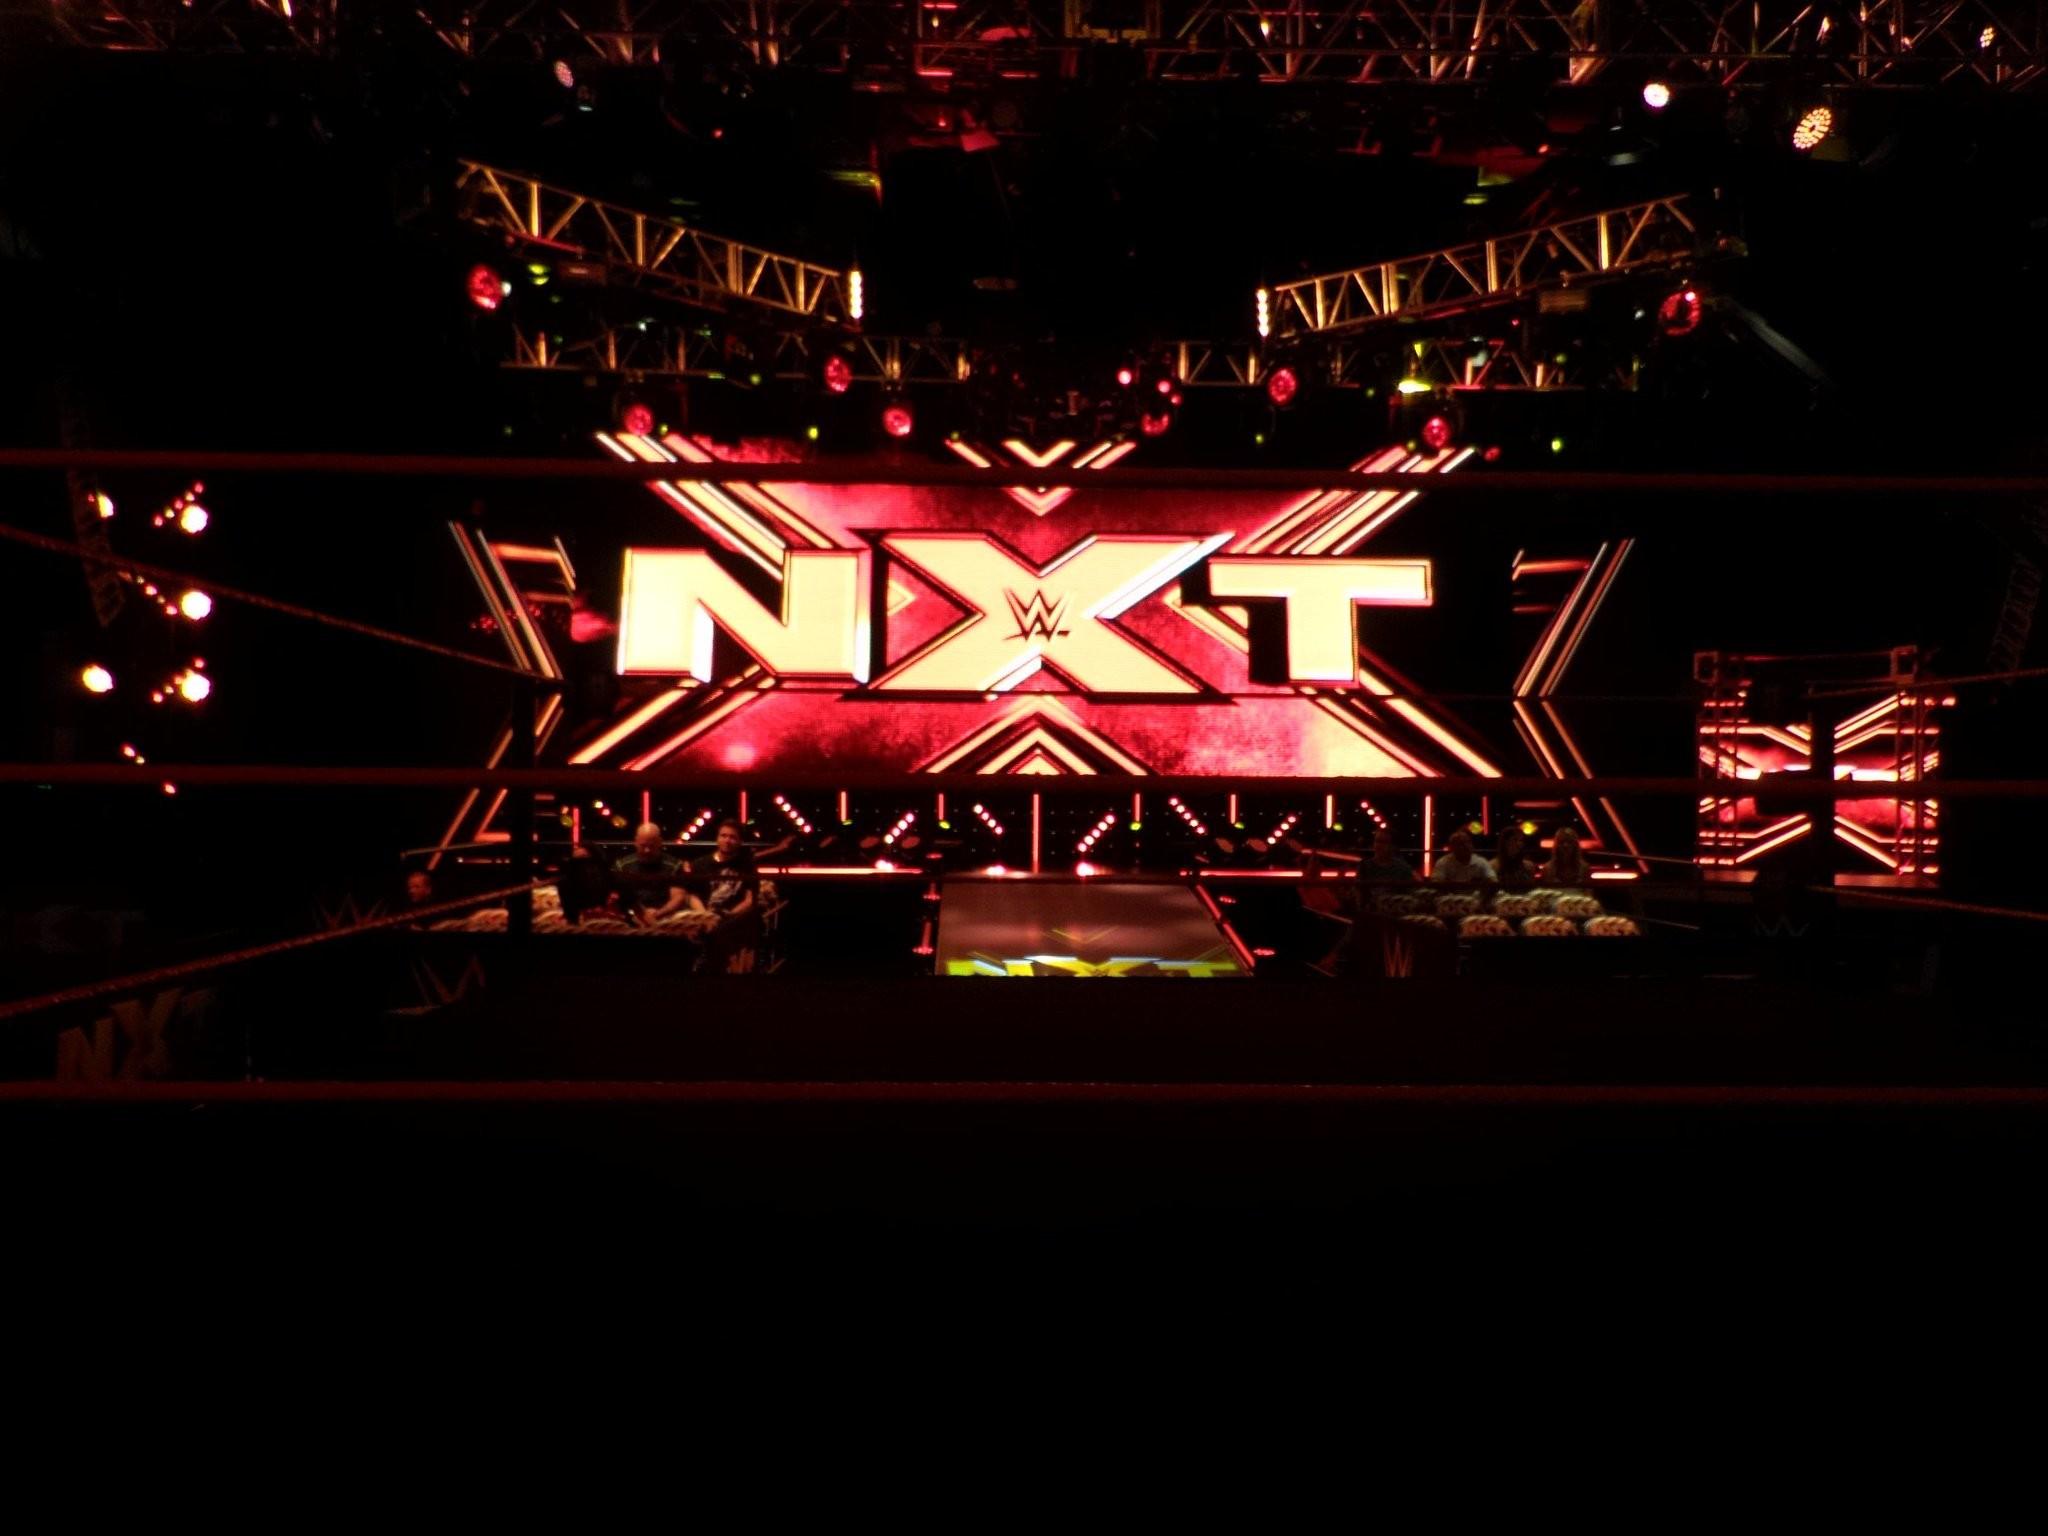 Res: 2048x1536, A new era of NXT had begun